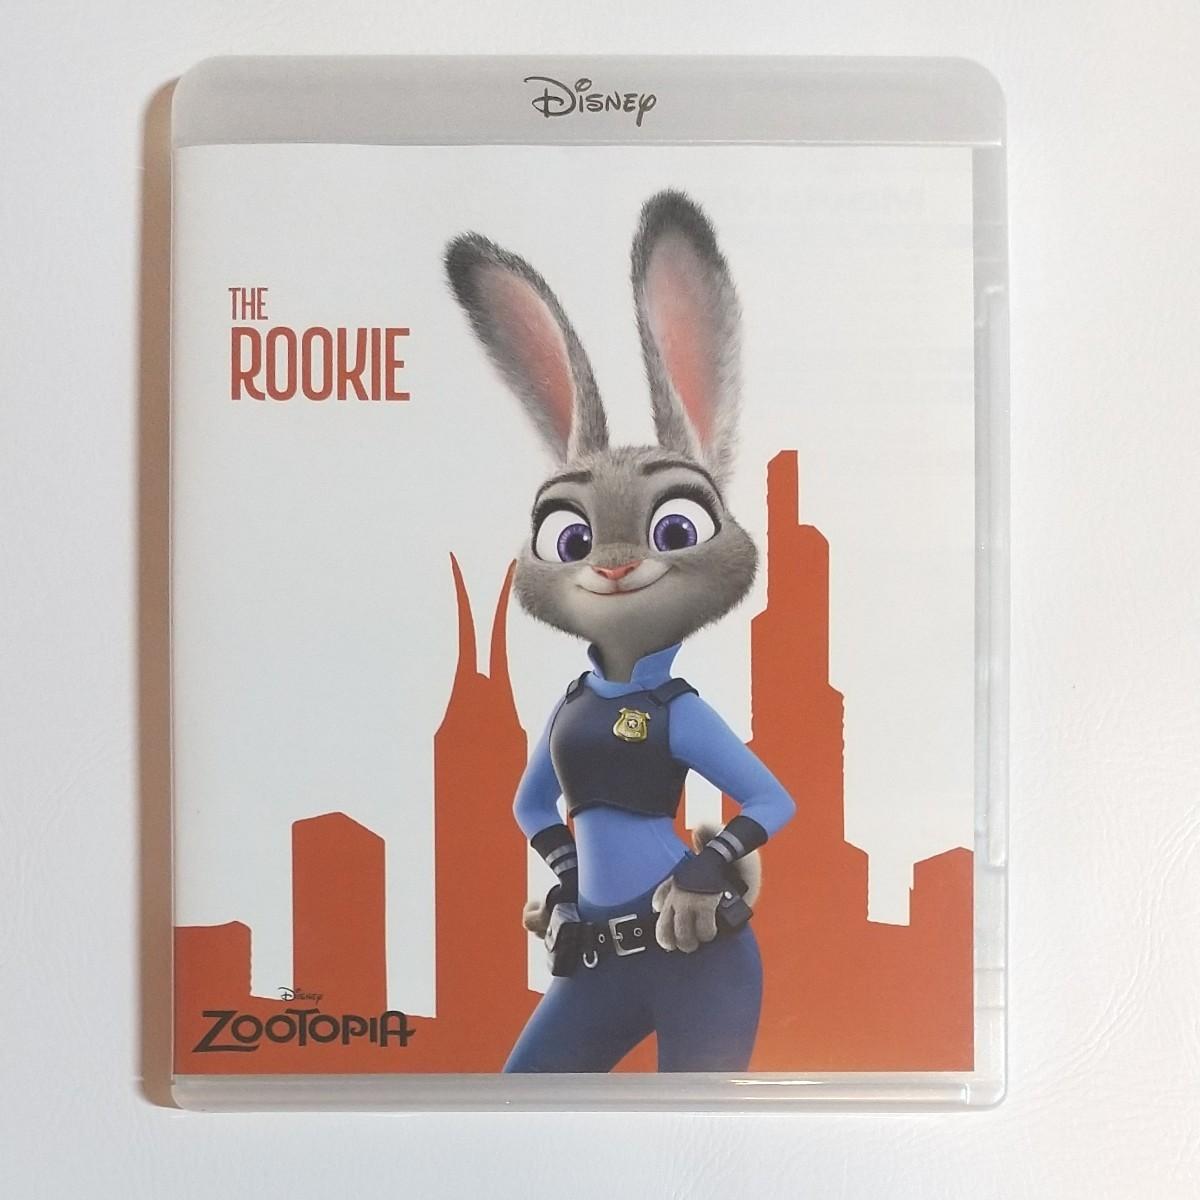 ディズニー ズートピア MovieNEX Blu-ray+DVD 初回限定盤 リバーシブルジャケット仕様 ブルーレイ